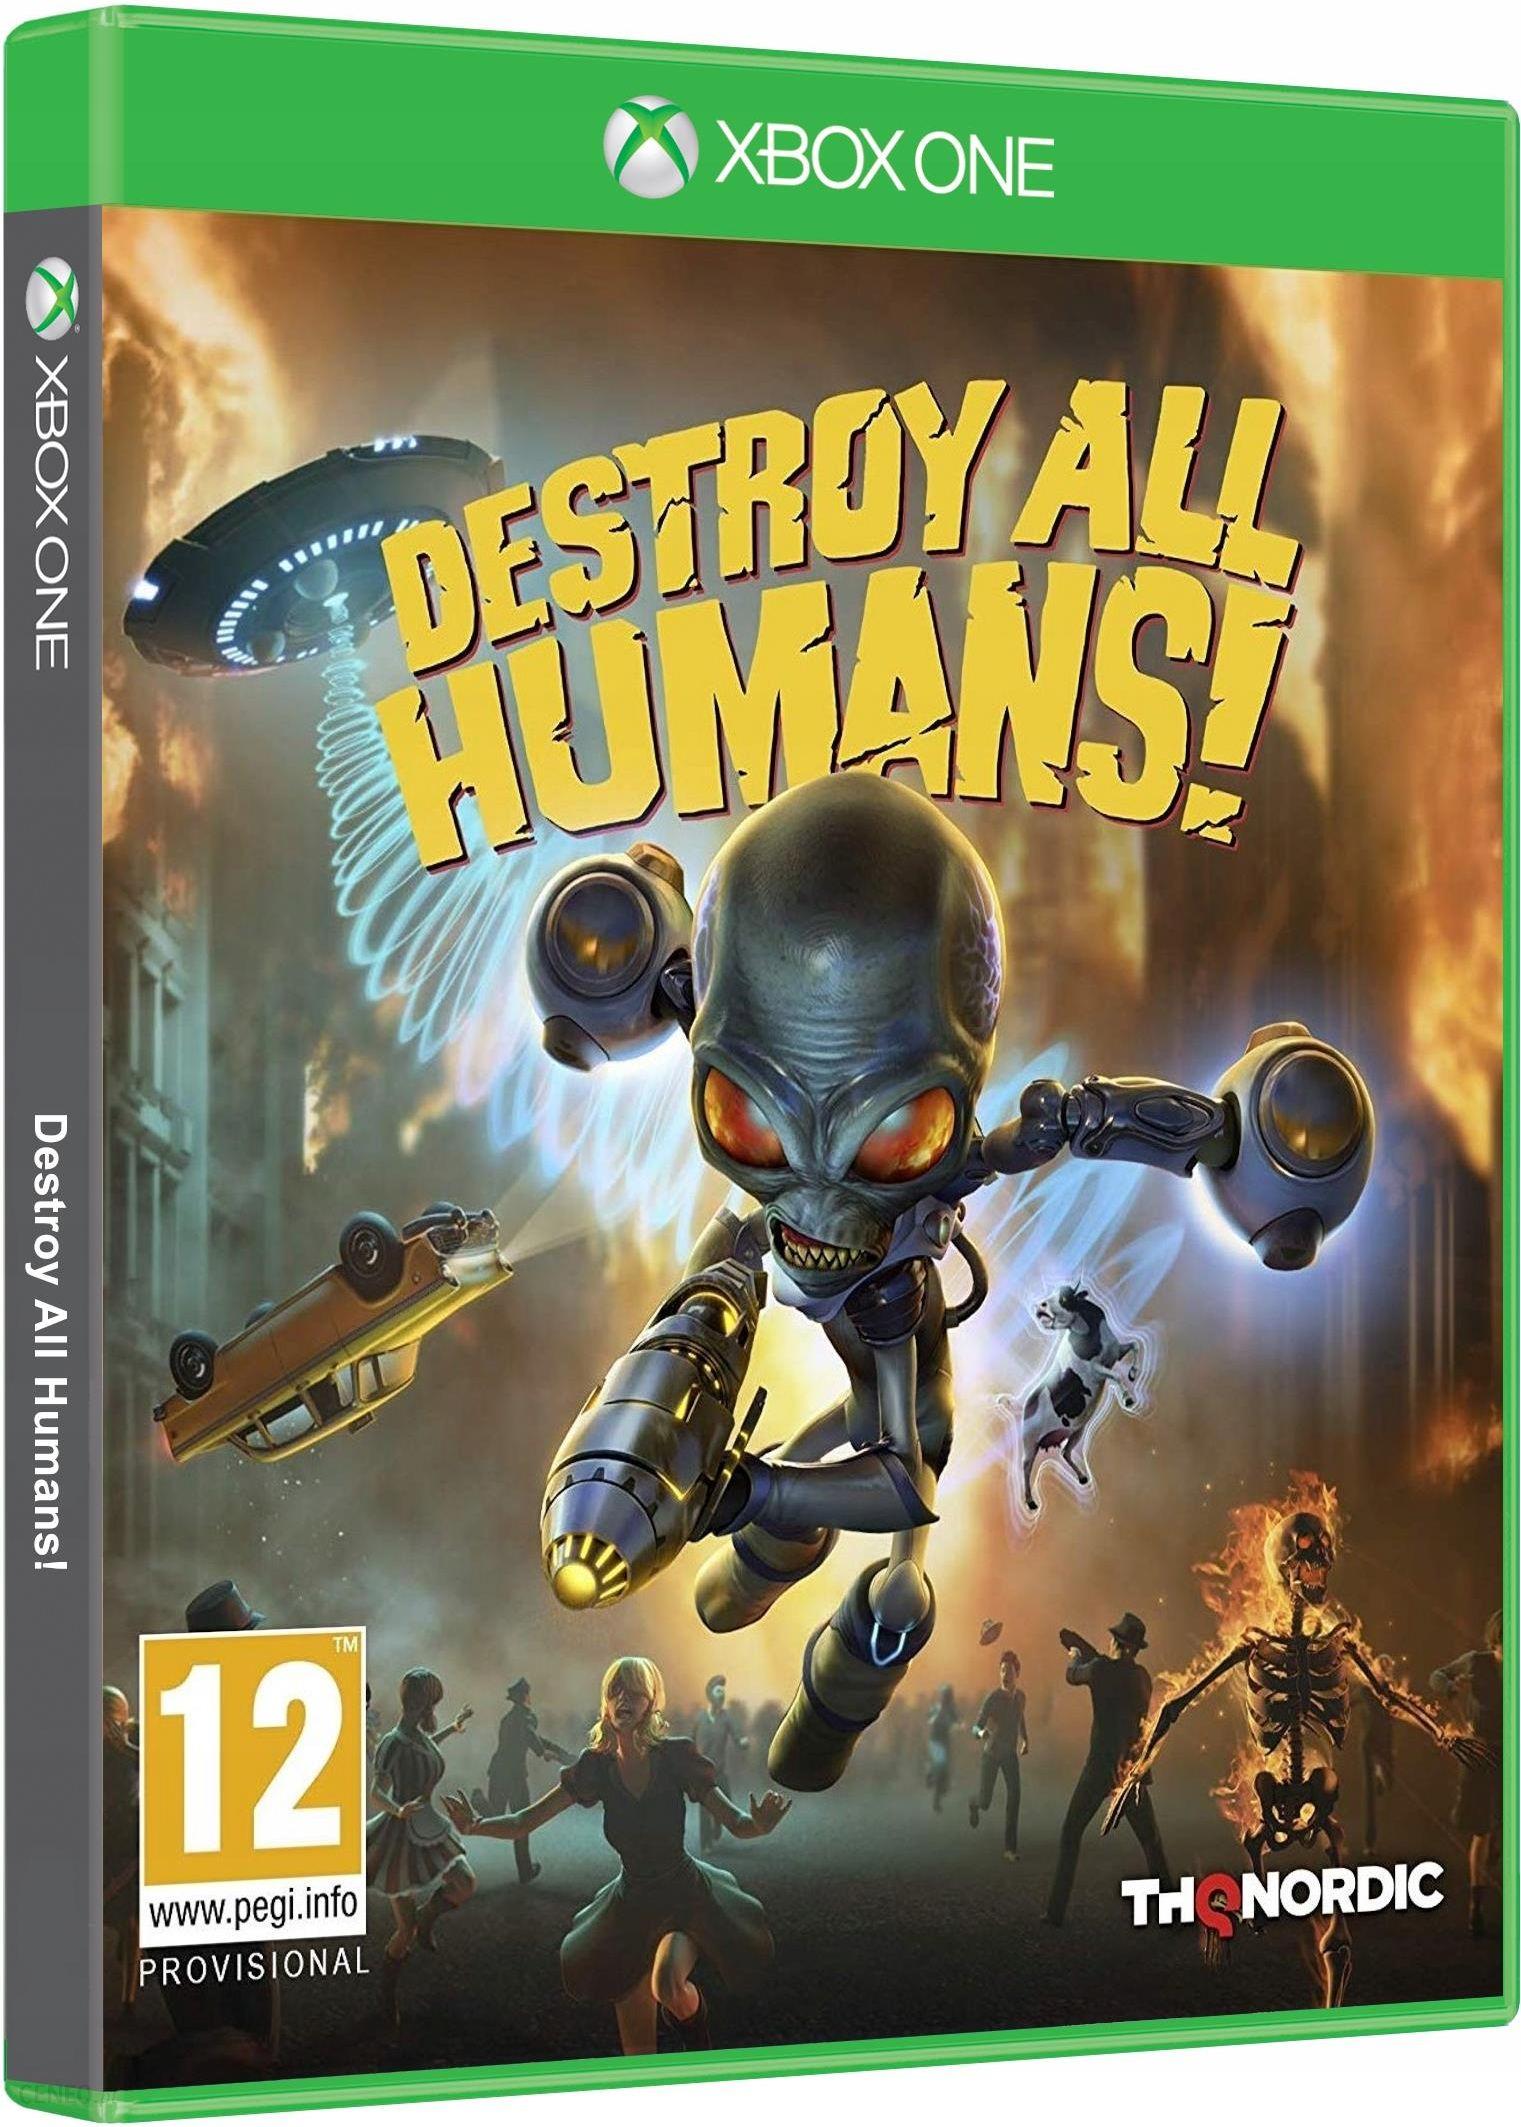 Destroy All Humans Gra Xbox One Od 87 99 Zl Ceny I Opinie Ceneo Pl